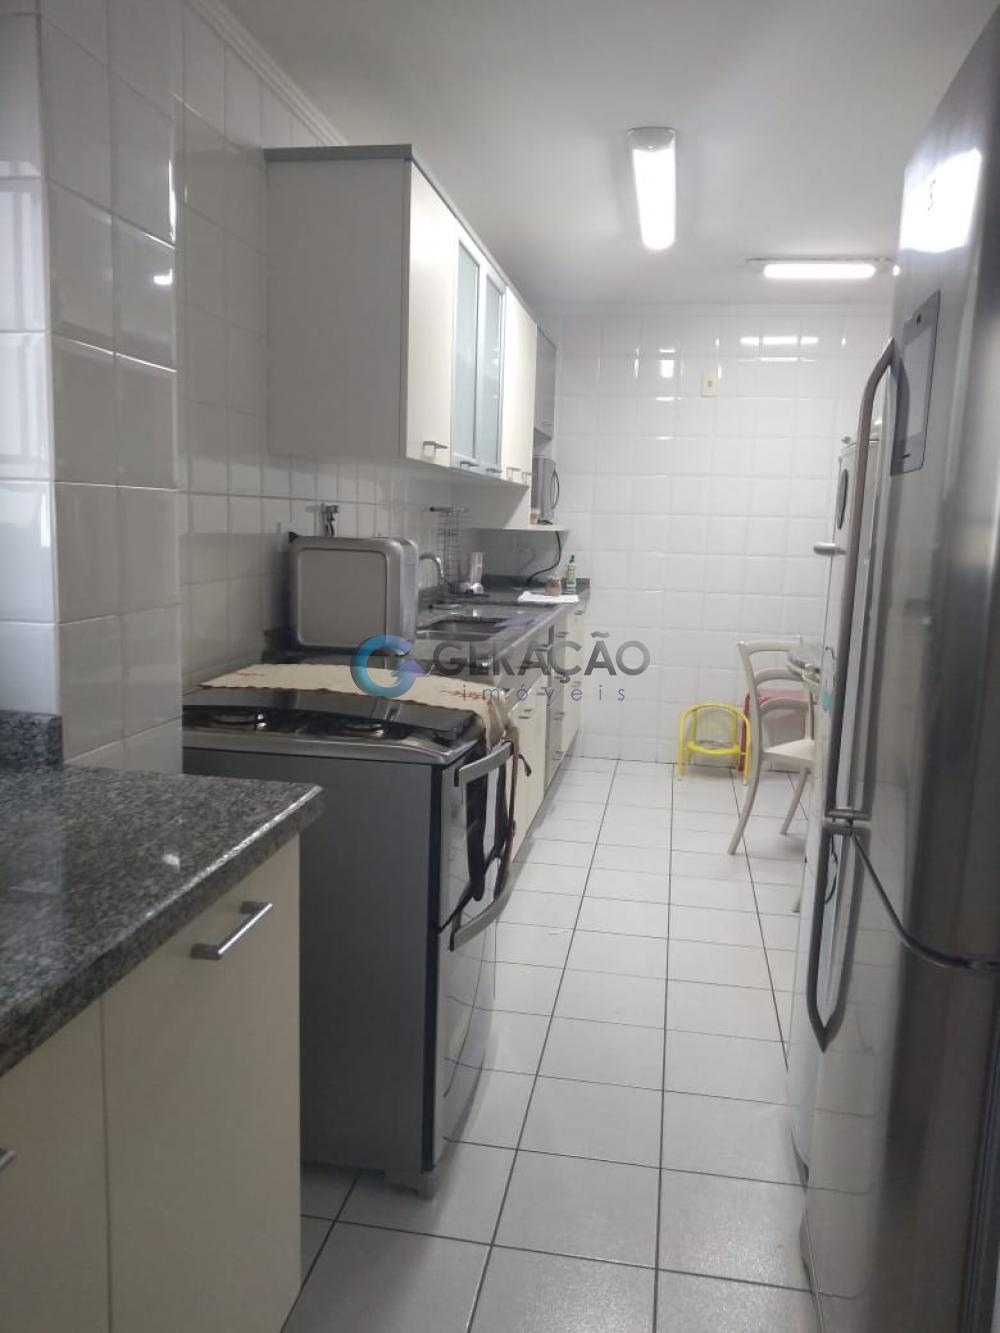 Comprar Apartamento / Padrão em São José dos Campos apenas R$ 1.300.000,00 - Foto 22